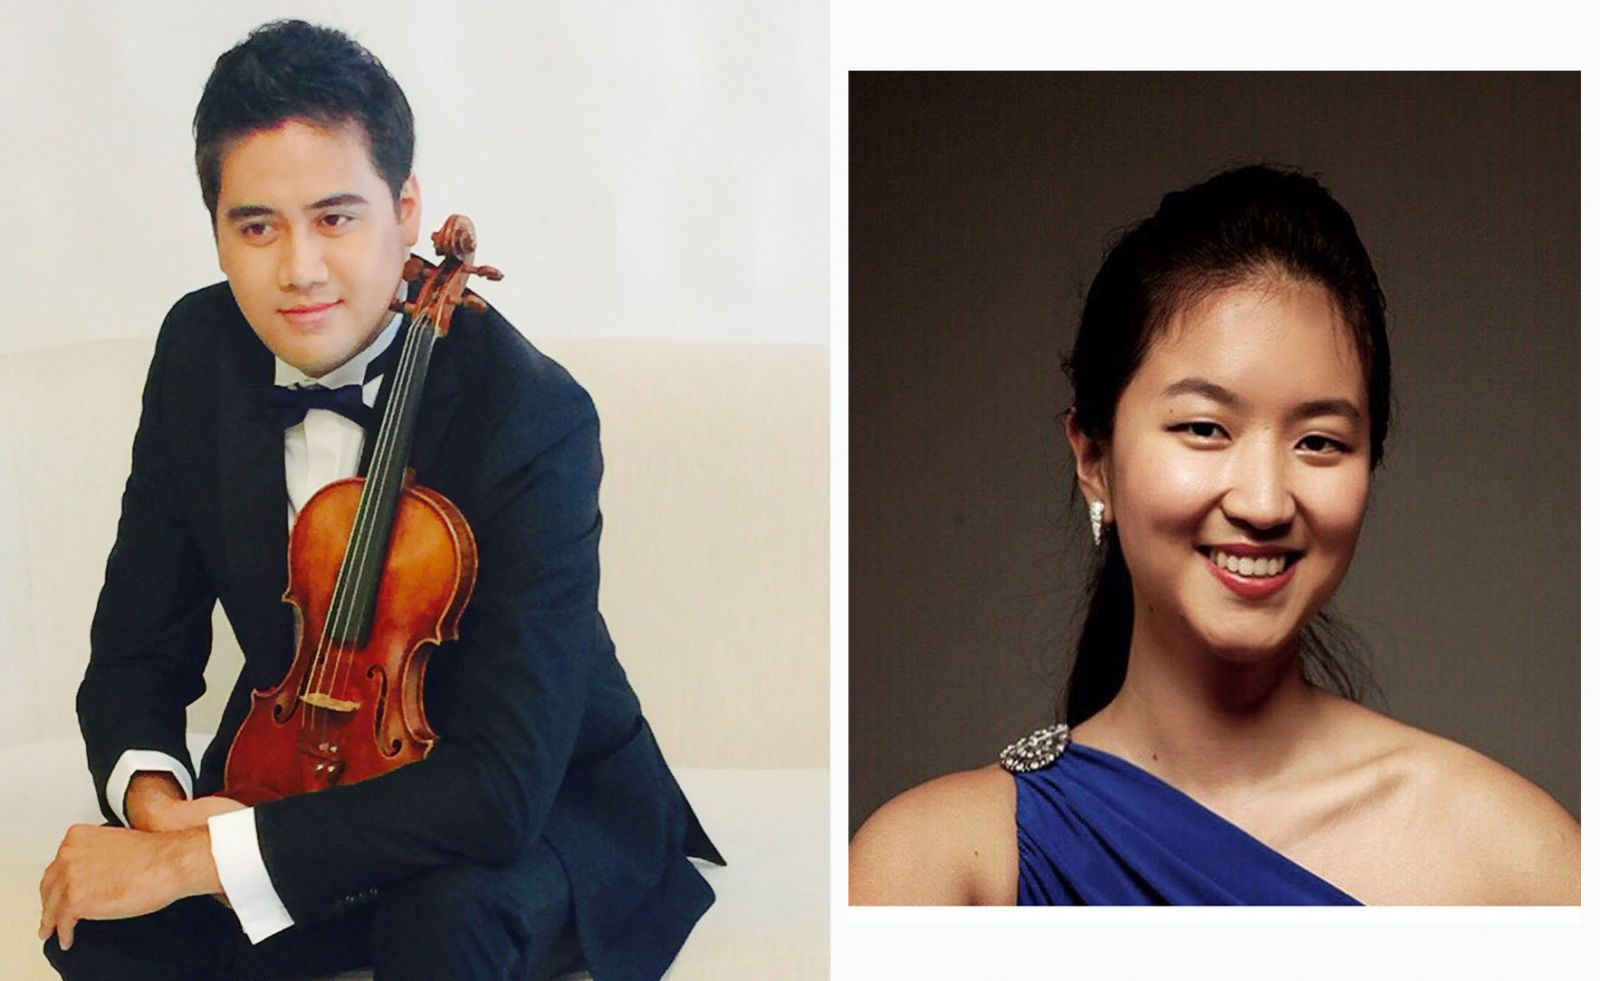 Bùi Công Duy sẽ biểu diễn cùng nghệ sĩ cello tài năng Mỹ Grace Ho tại Việt Nam